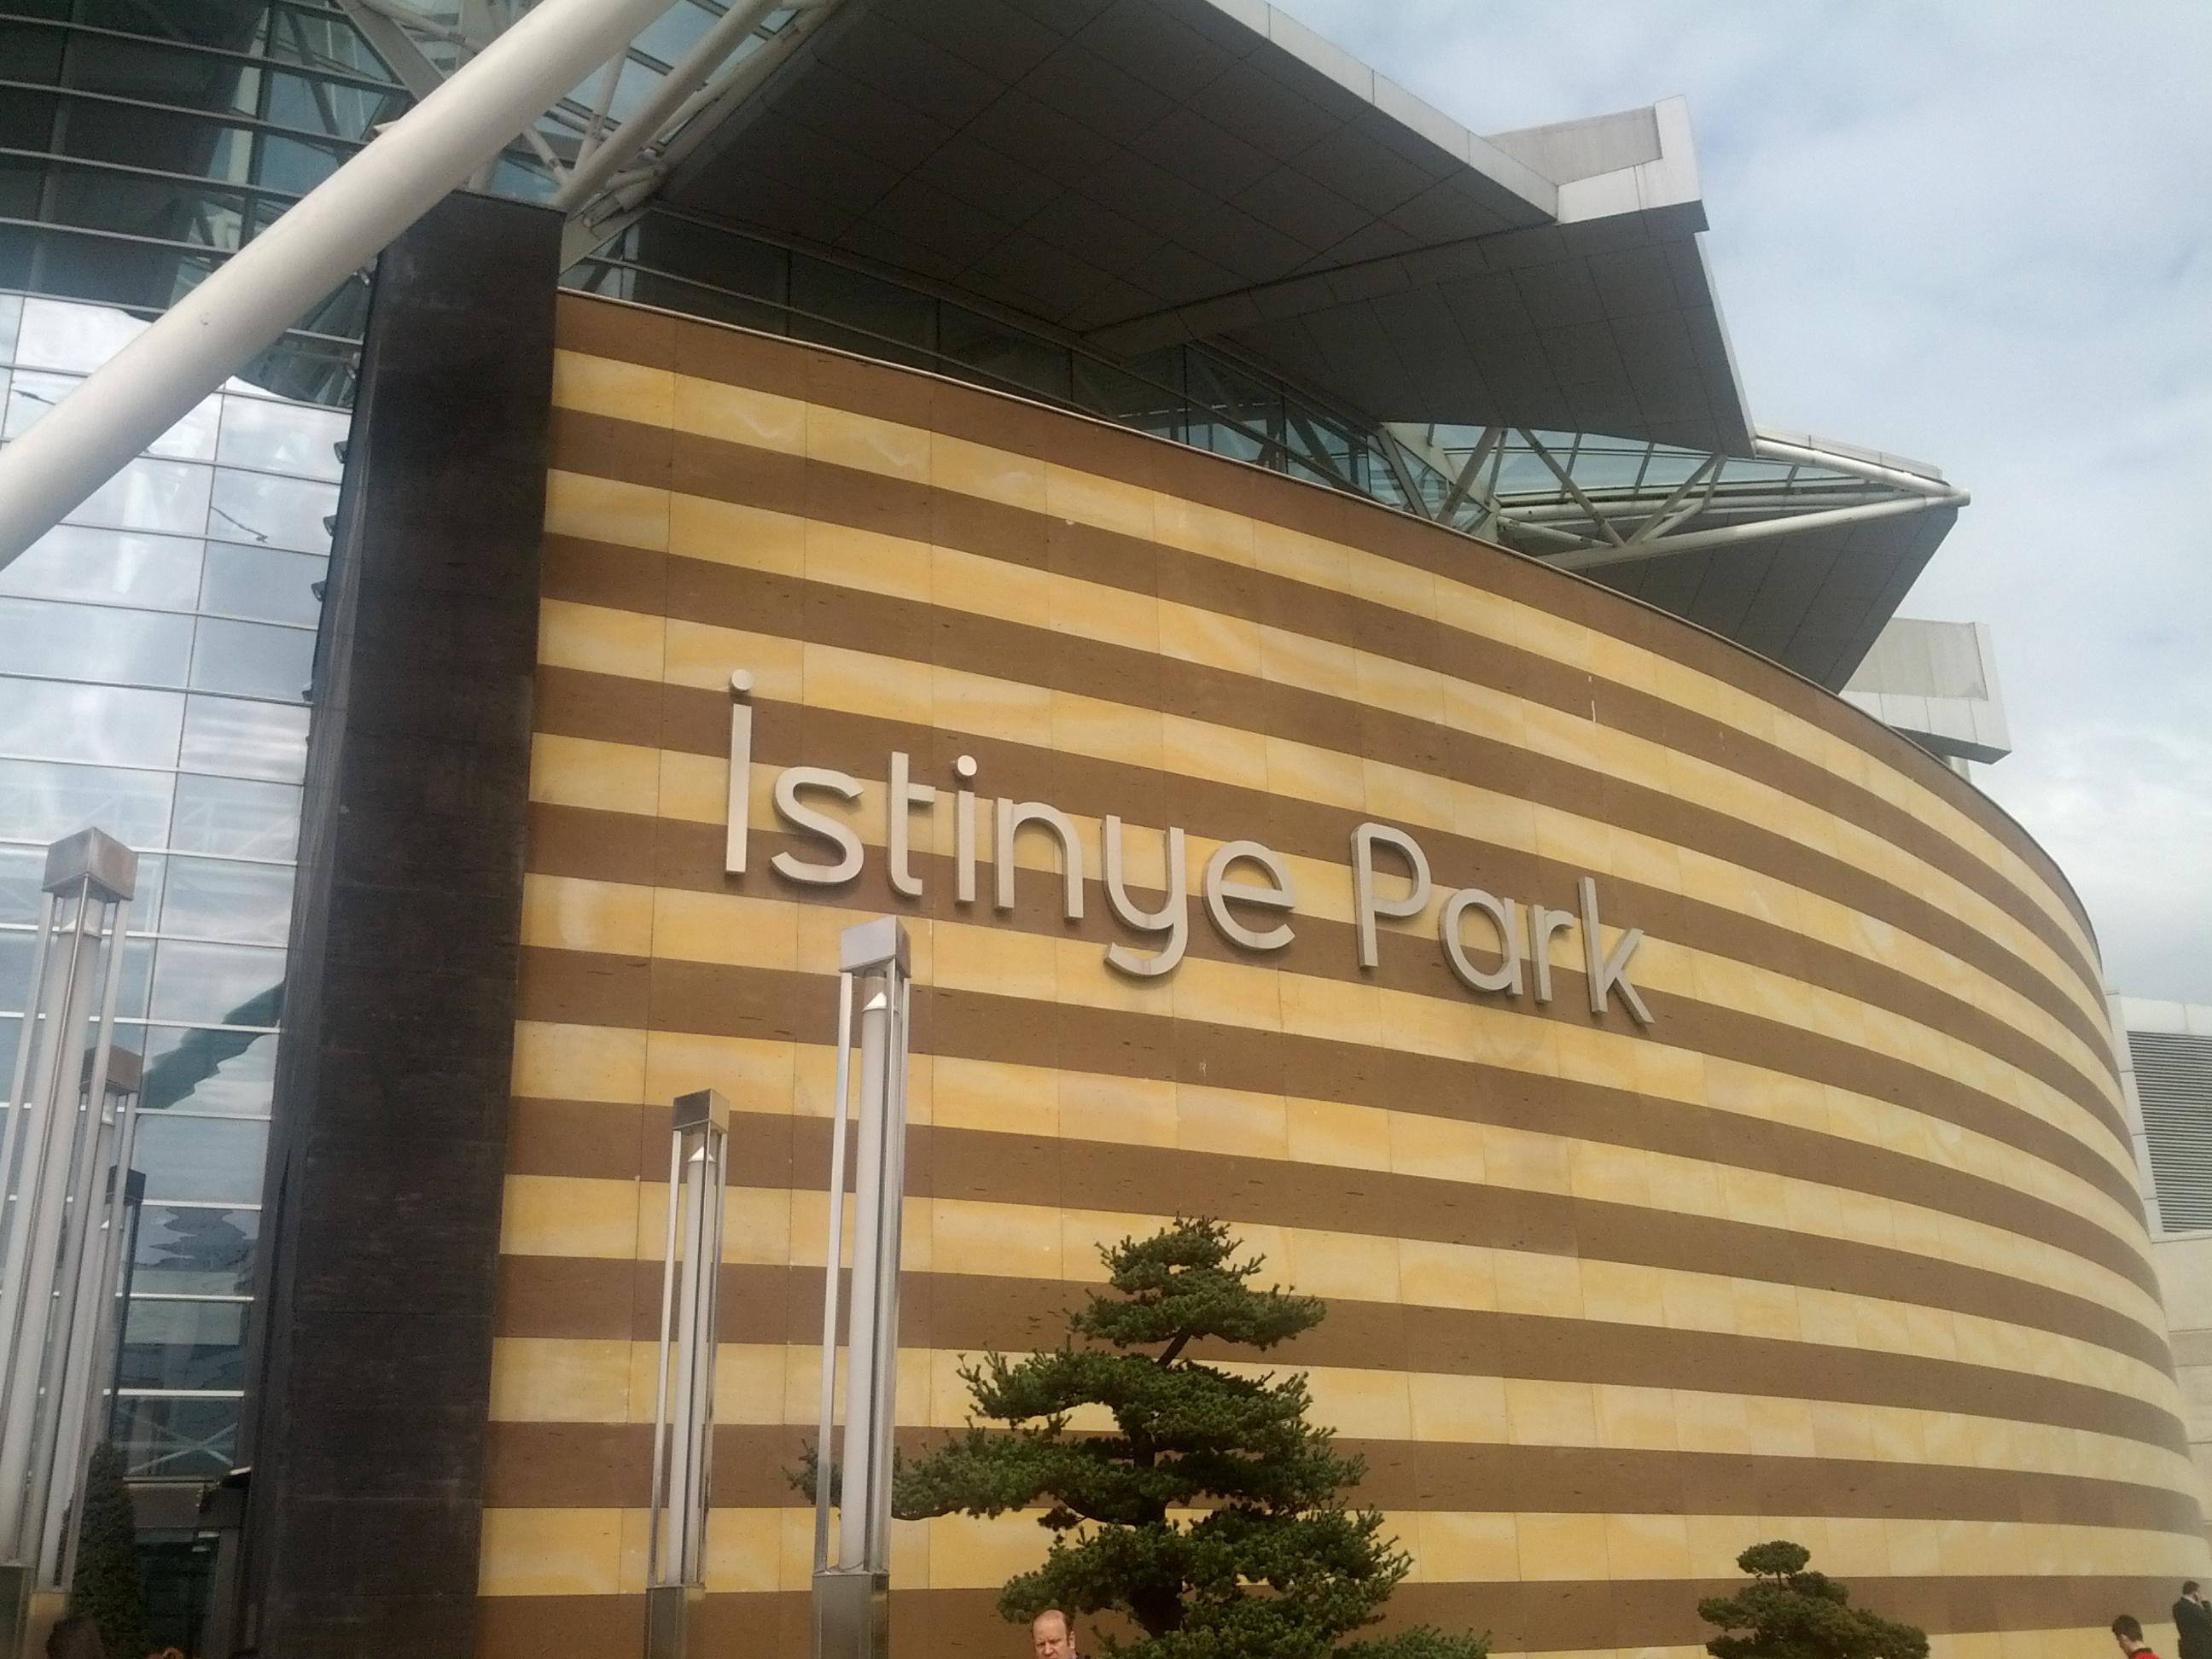 Upscale Shopping Istanbul - Istinye Park